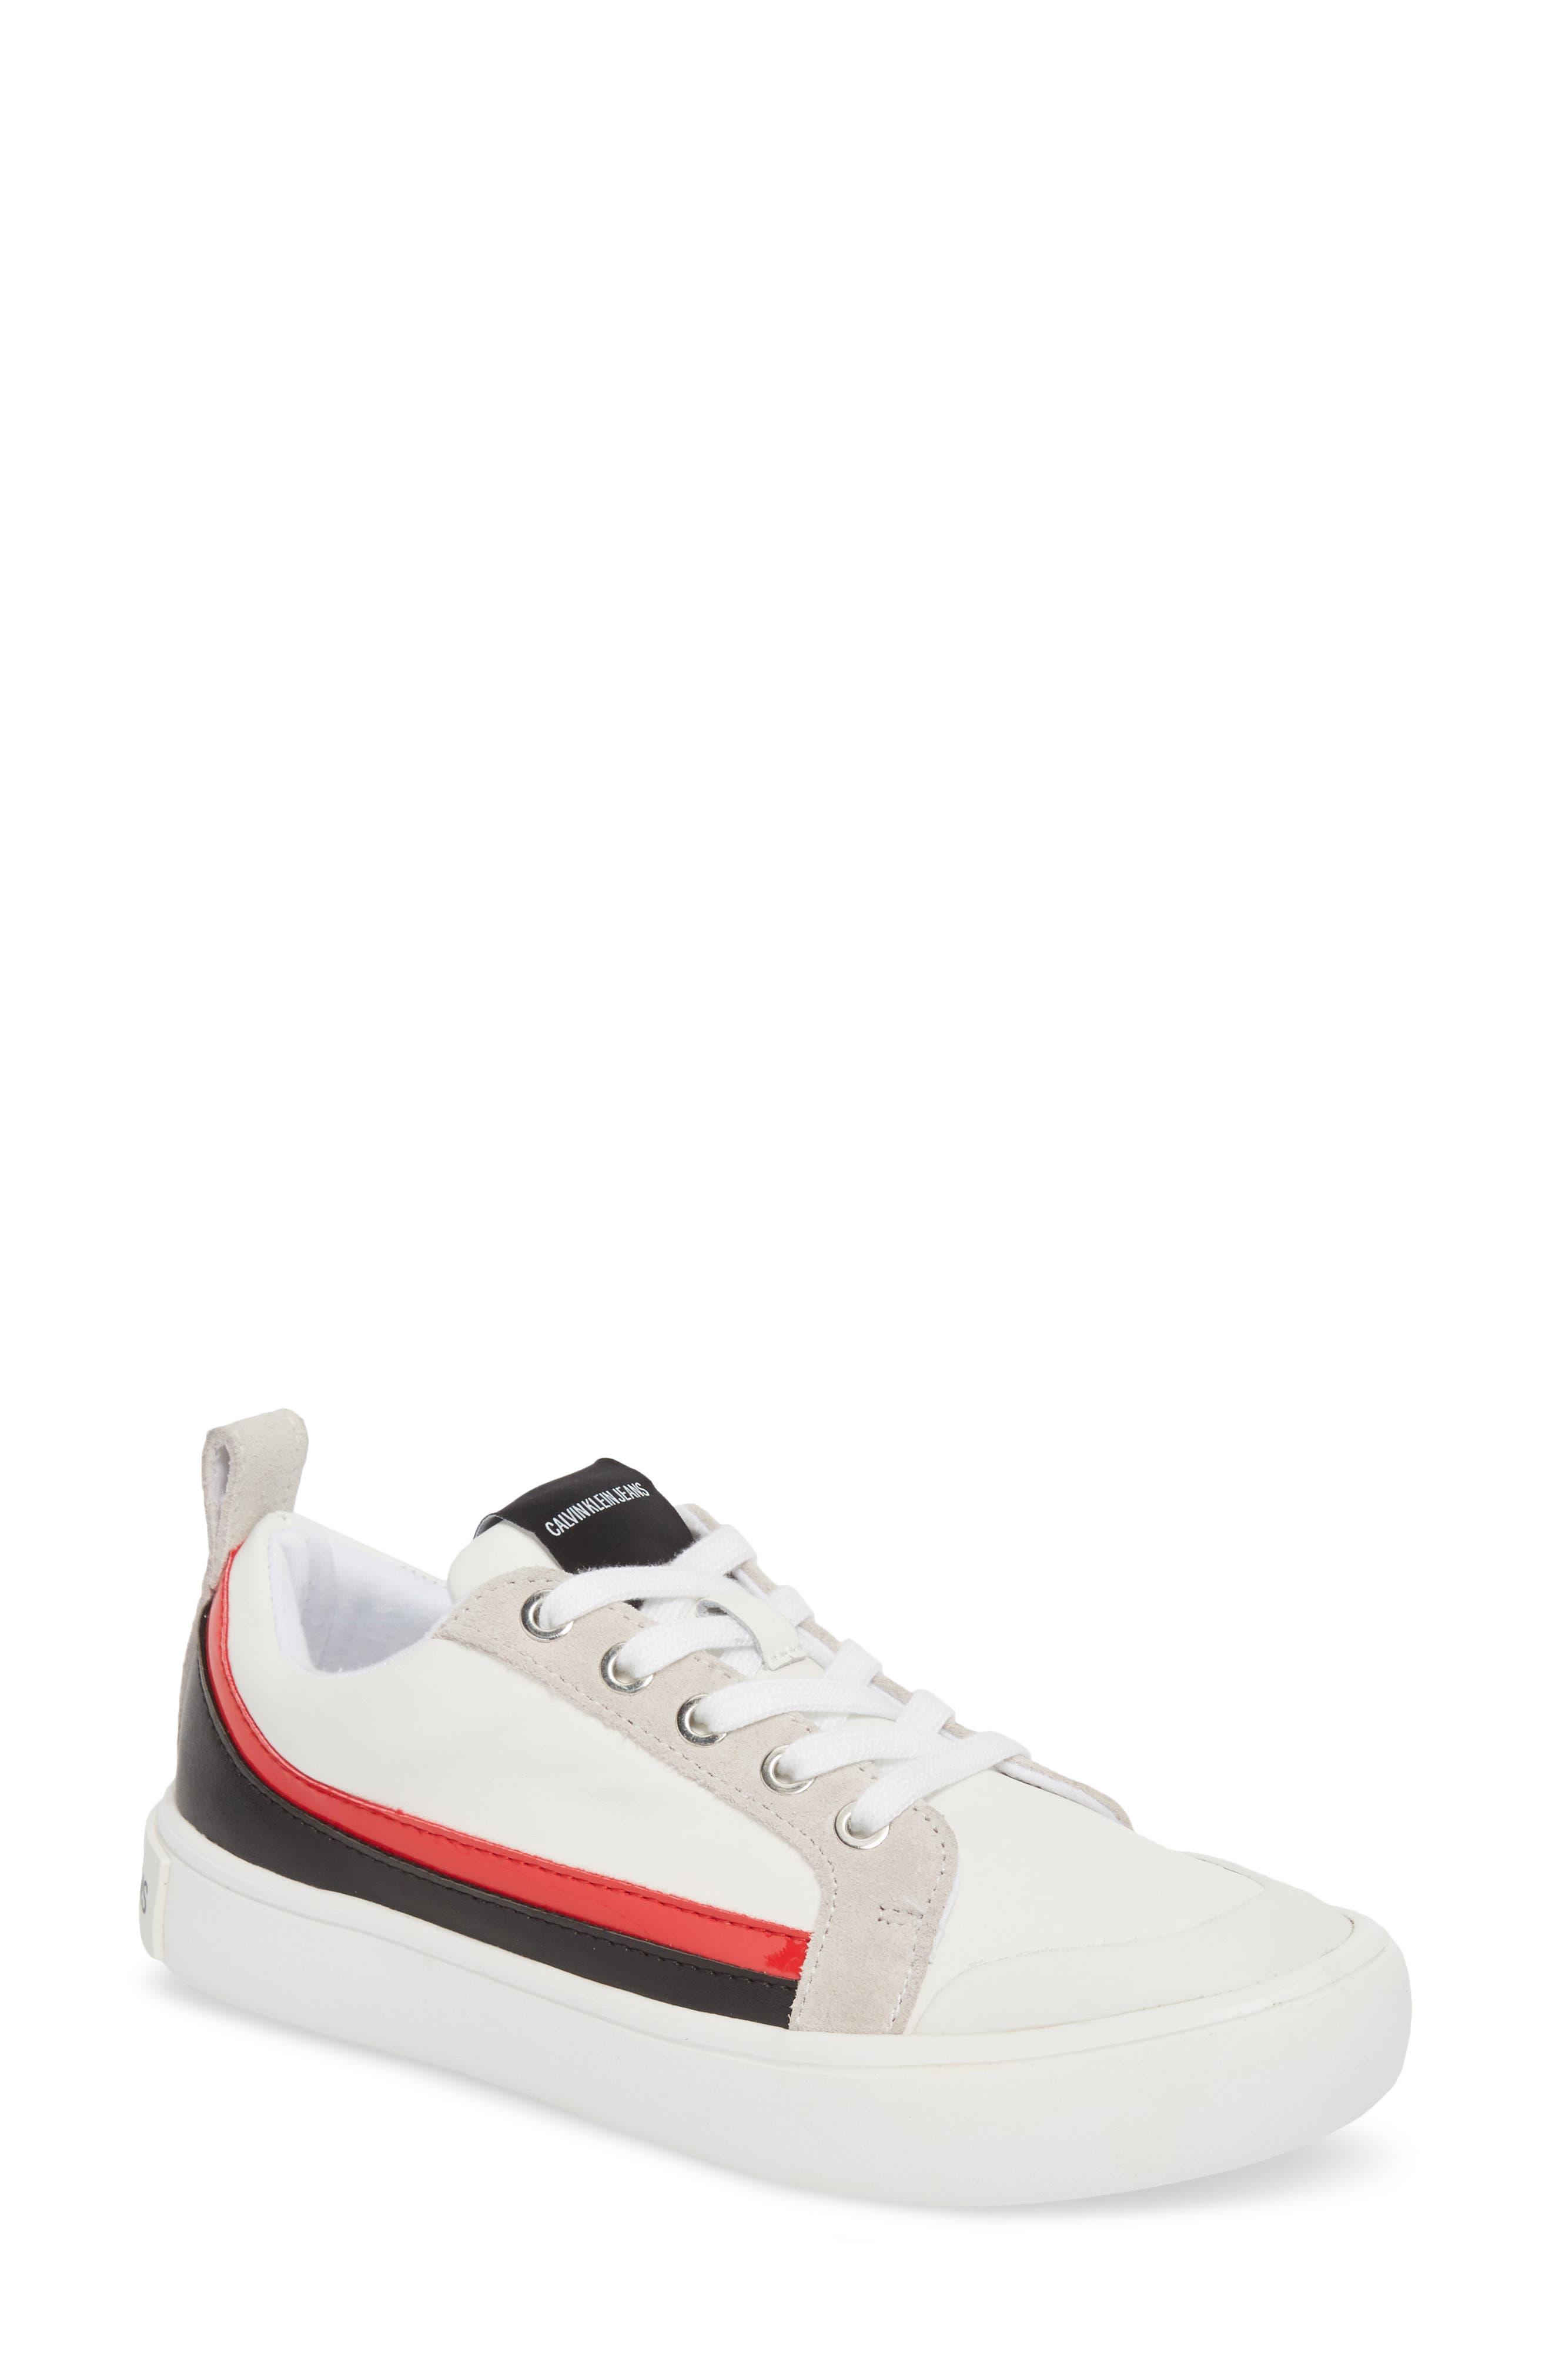 Dodie Sneaker,                         Main,                         color, WHITE/ BLACK/ TOMATO